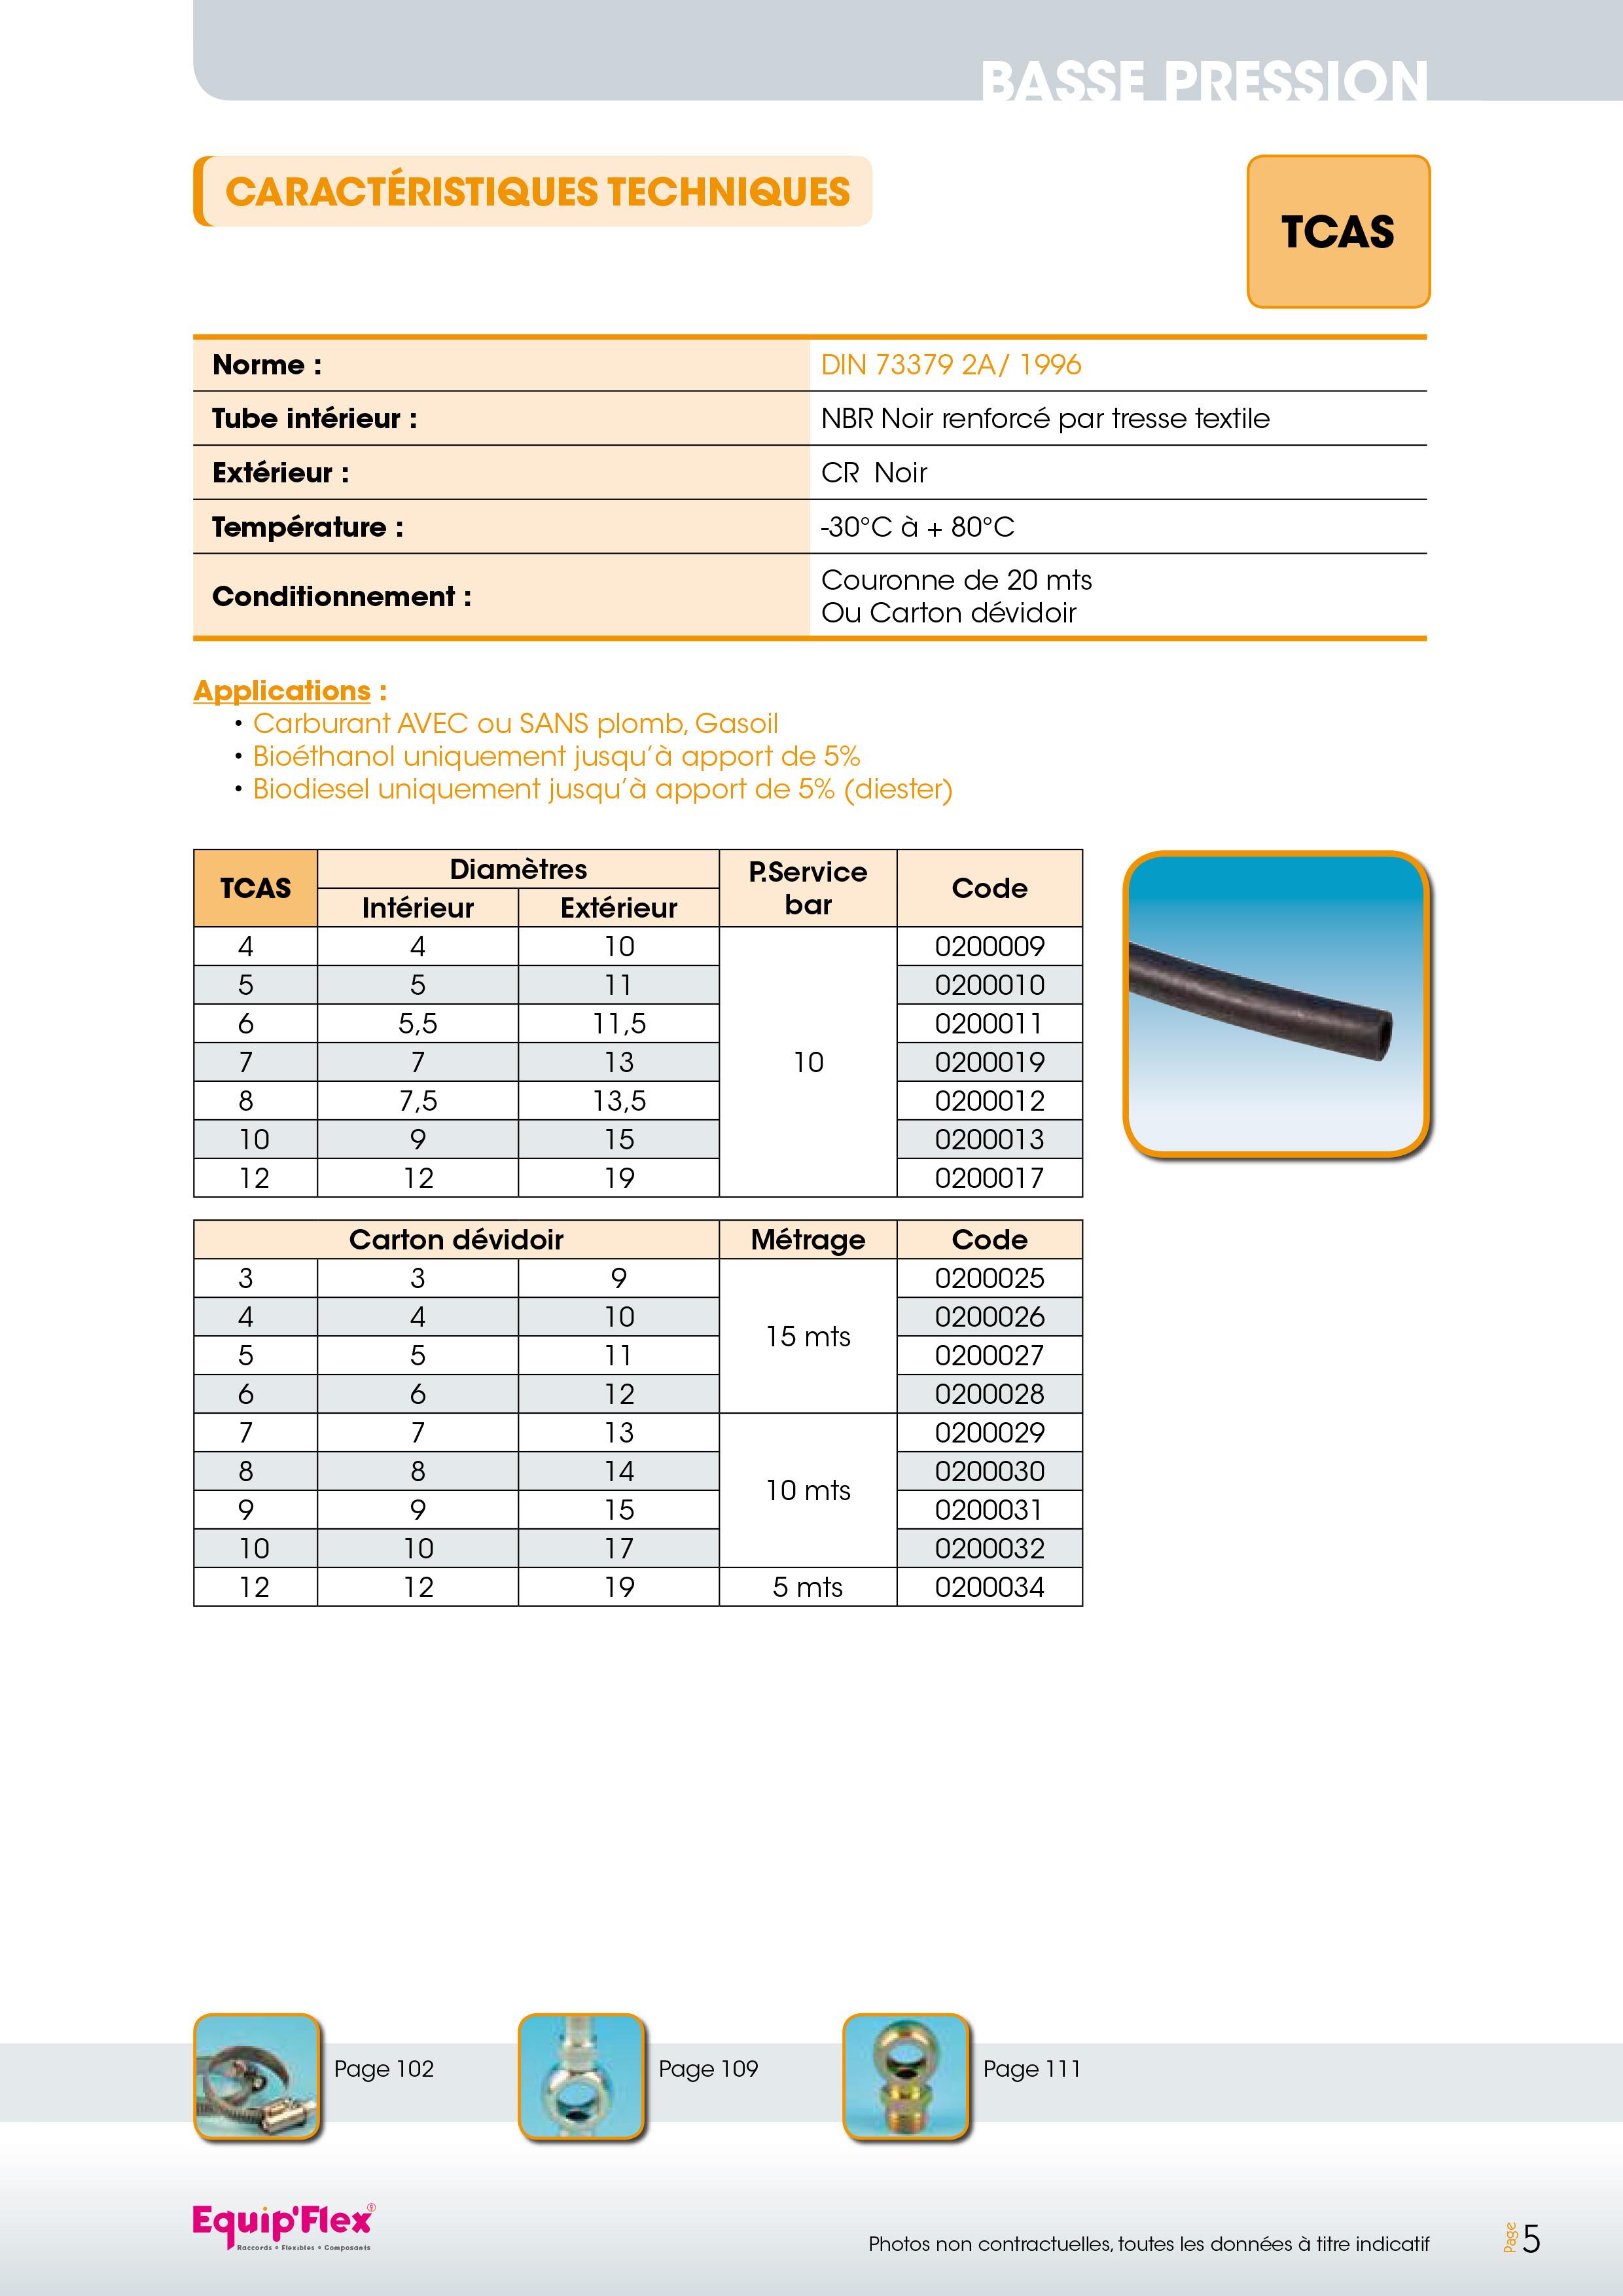 TCAS Applications :  - Carburant AVEC ou SANS plomb, gasoil - Bioéthanol uniquement jusqu'à apport de 5% - Biodiesel uniquement jusqu'à apport de 5% (diester)